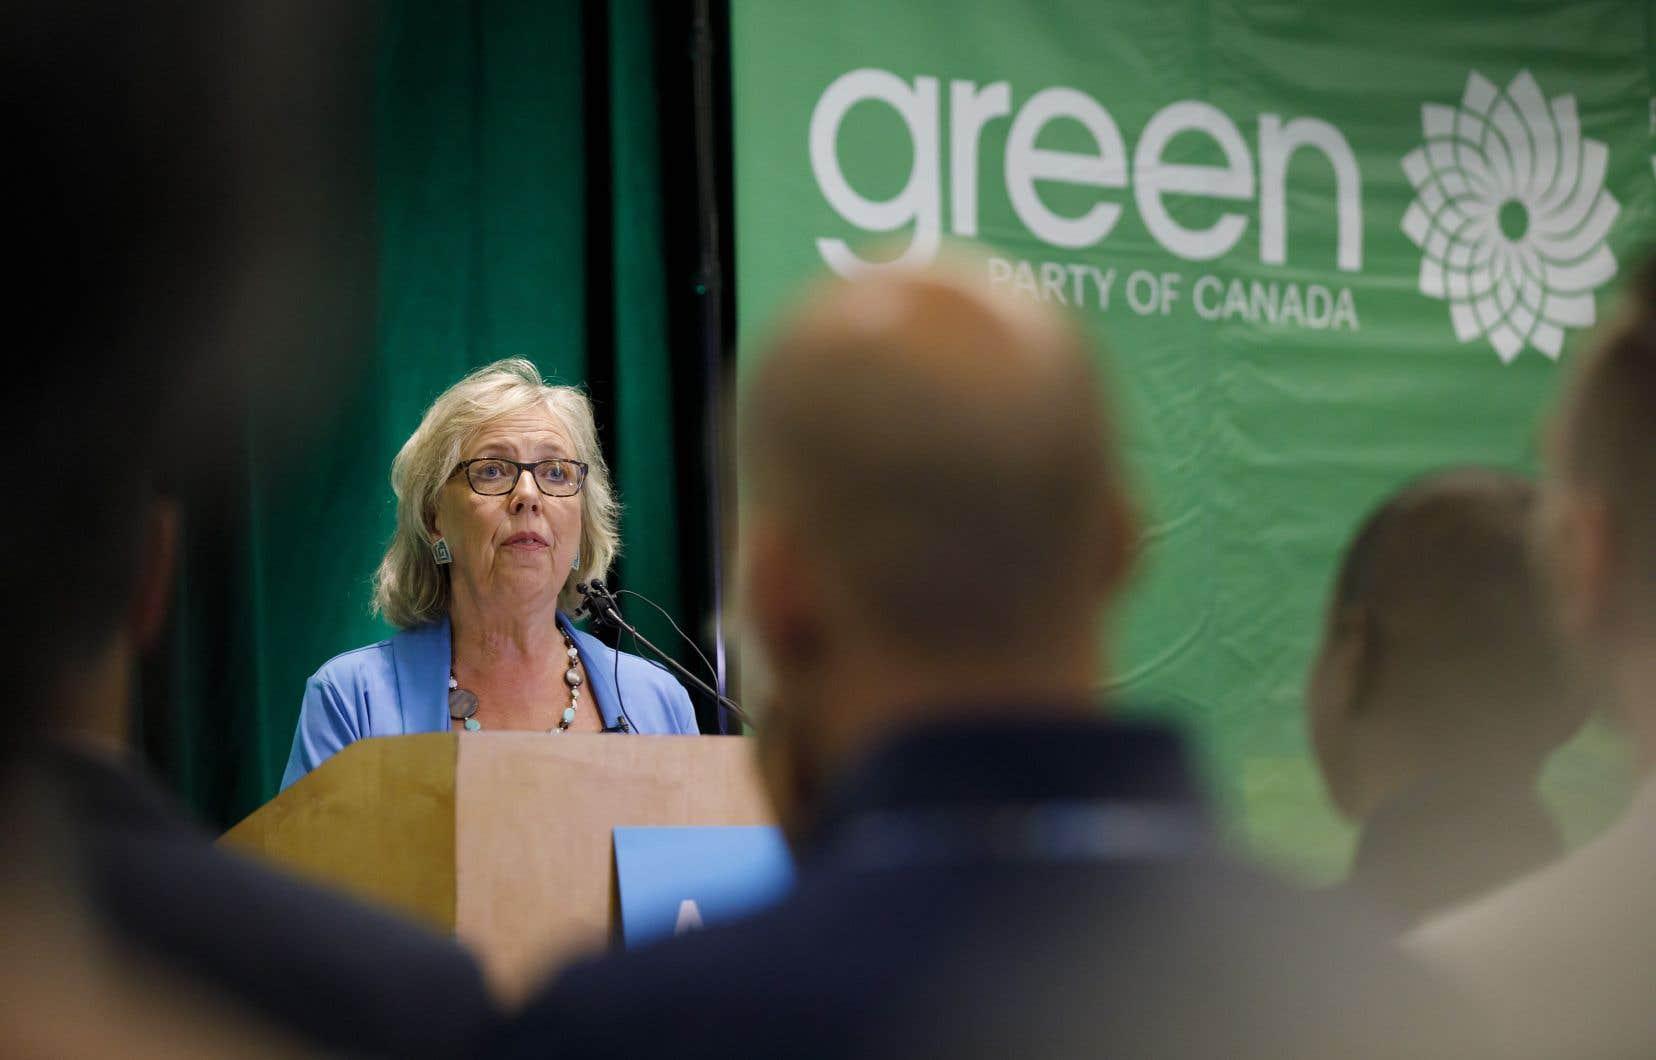 Selon la chef du parti, Elizabeth May, faire de la politique comme d'habitude alors que nous vivons une urgence climatique est une mauvaise approche.